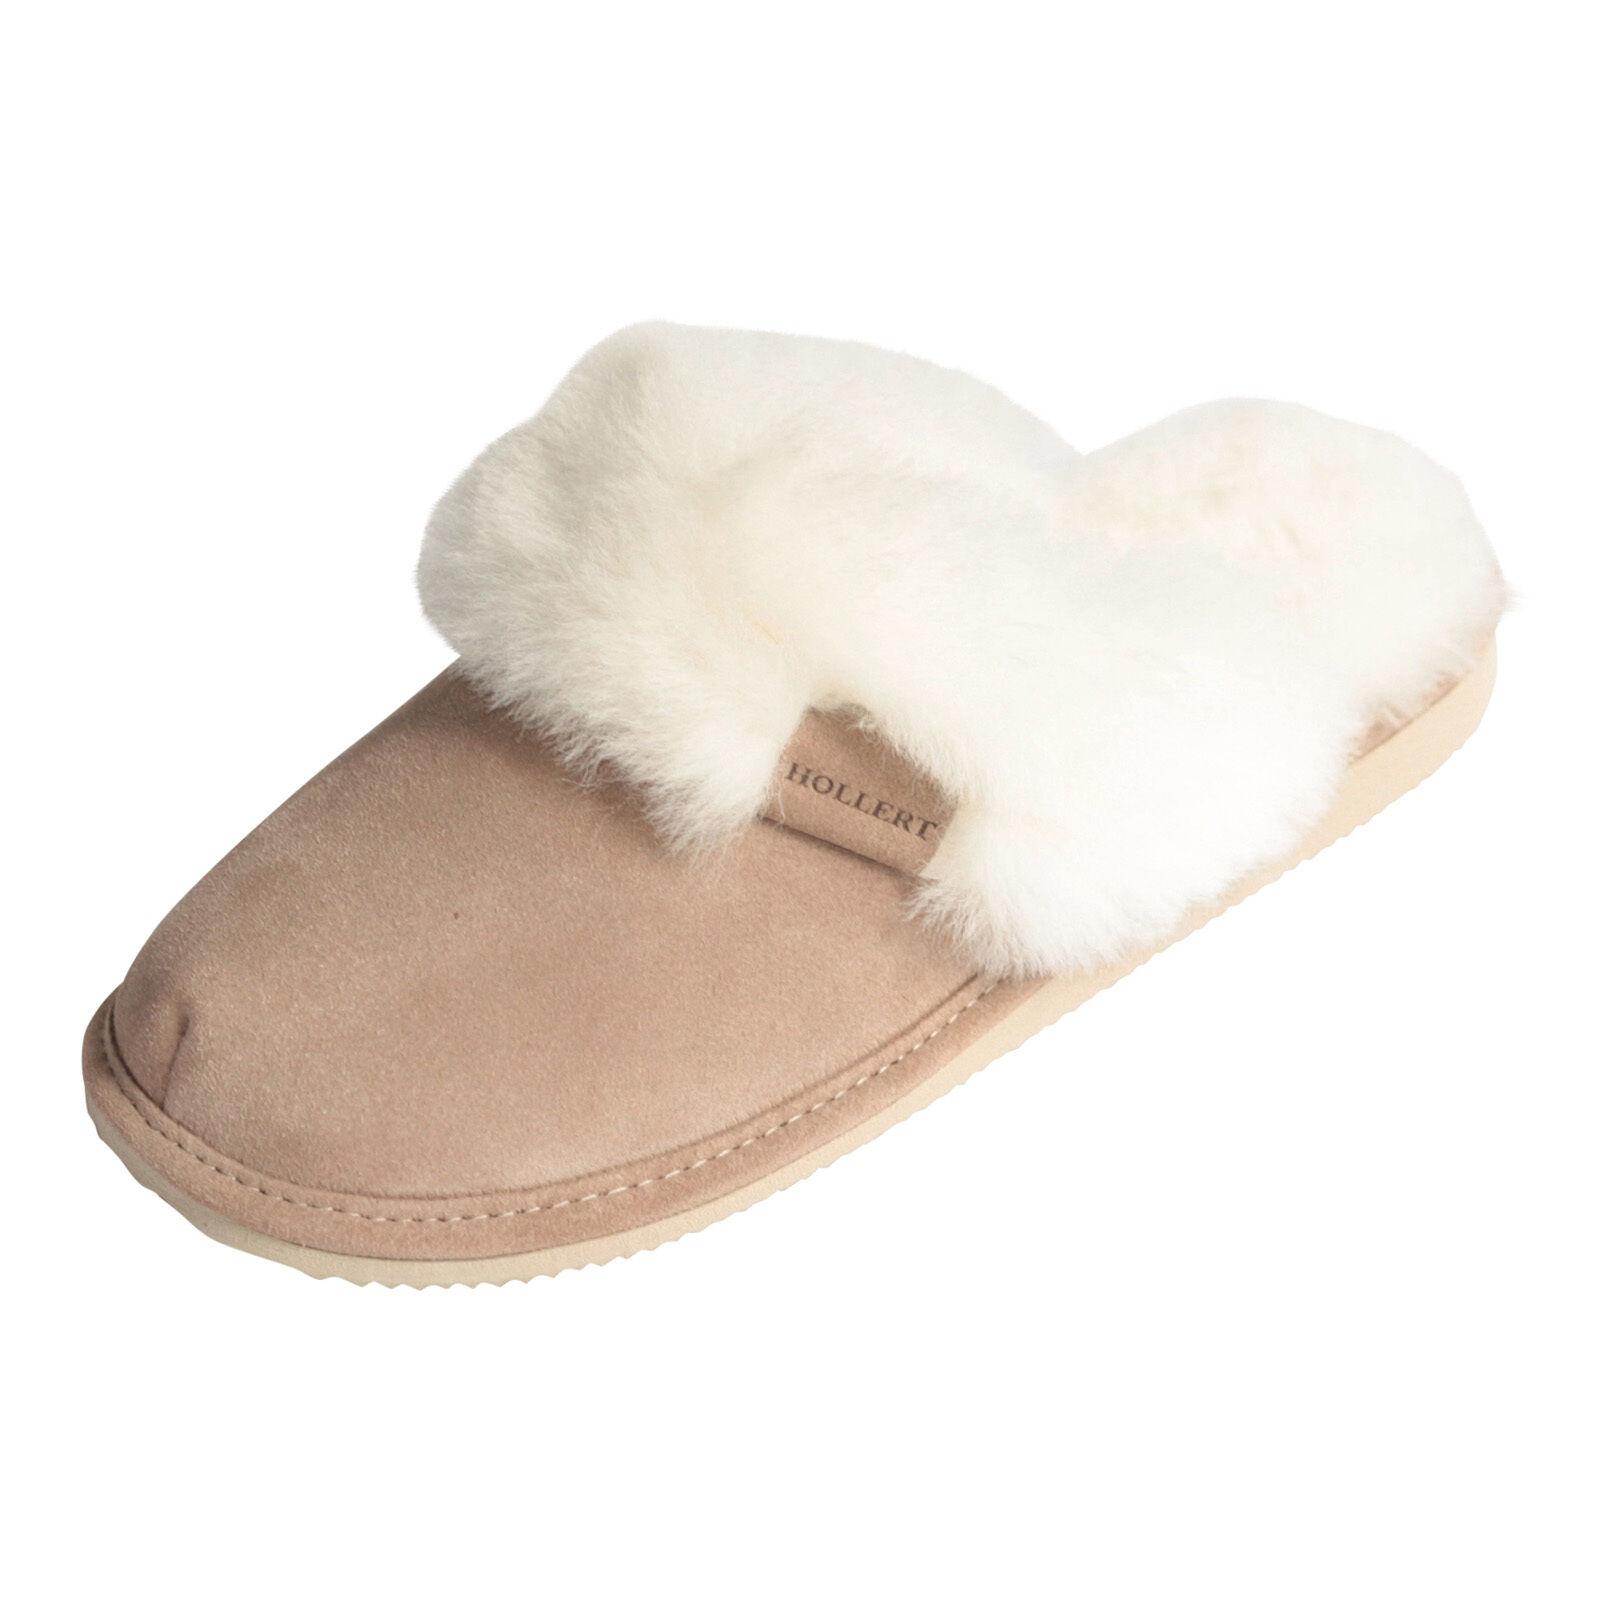 Pantofole in MALIBU pelle di agnello MALIBU MALIBU MALIBU in BIANCO pelliccia   6345d2